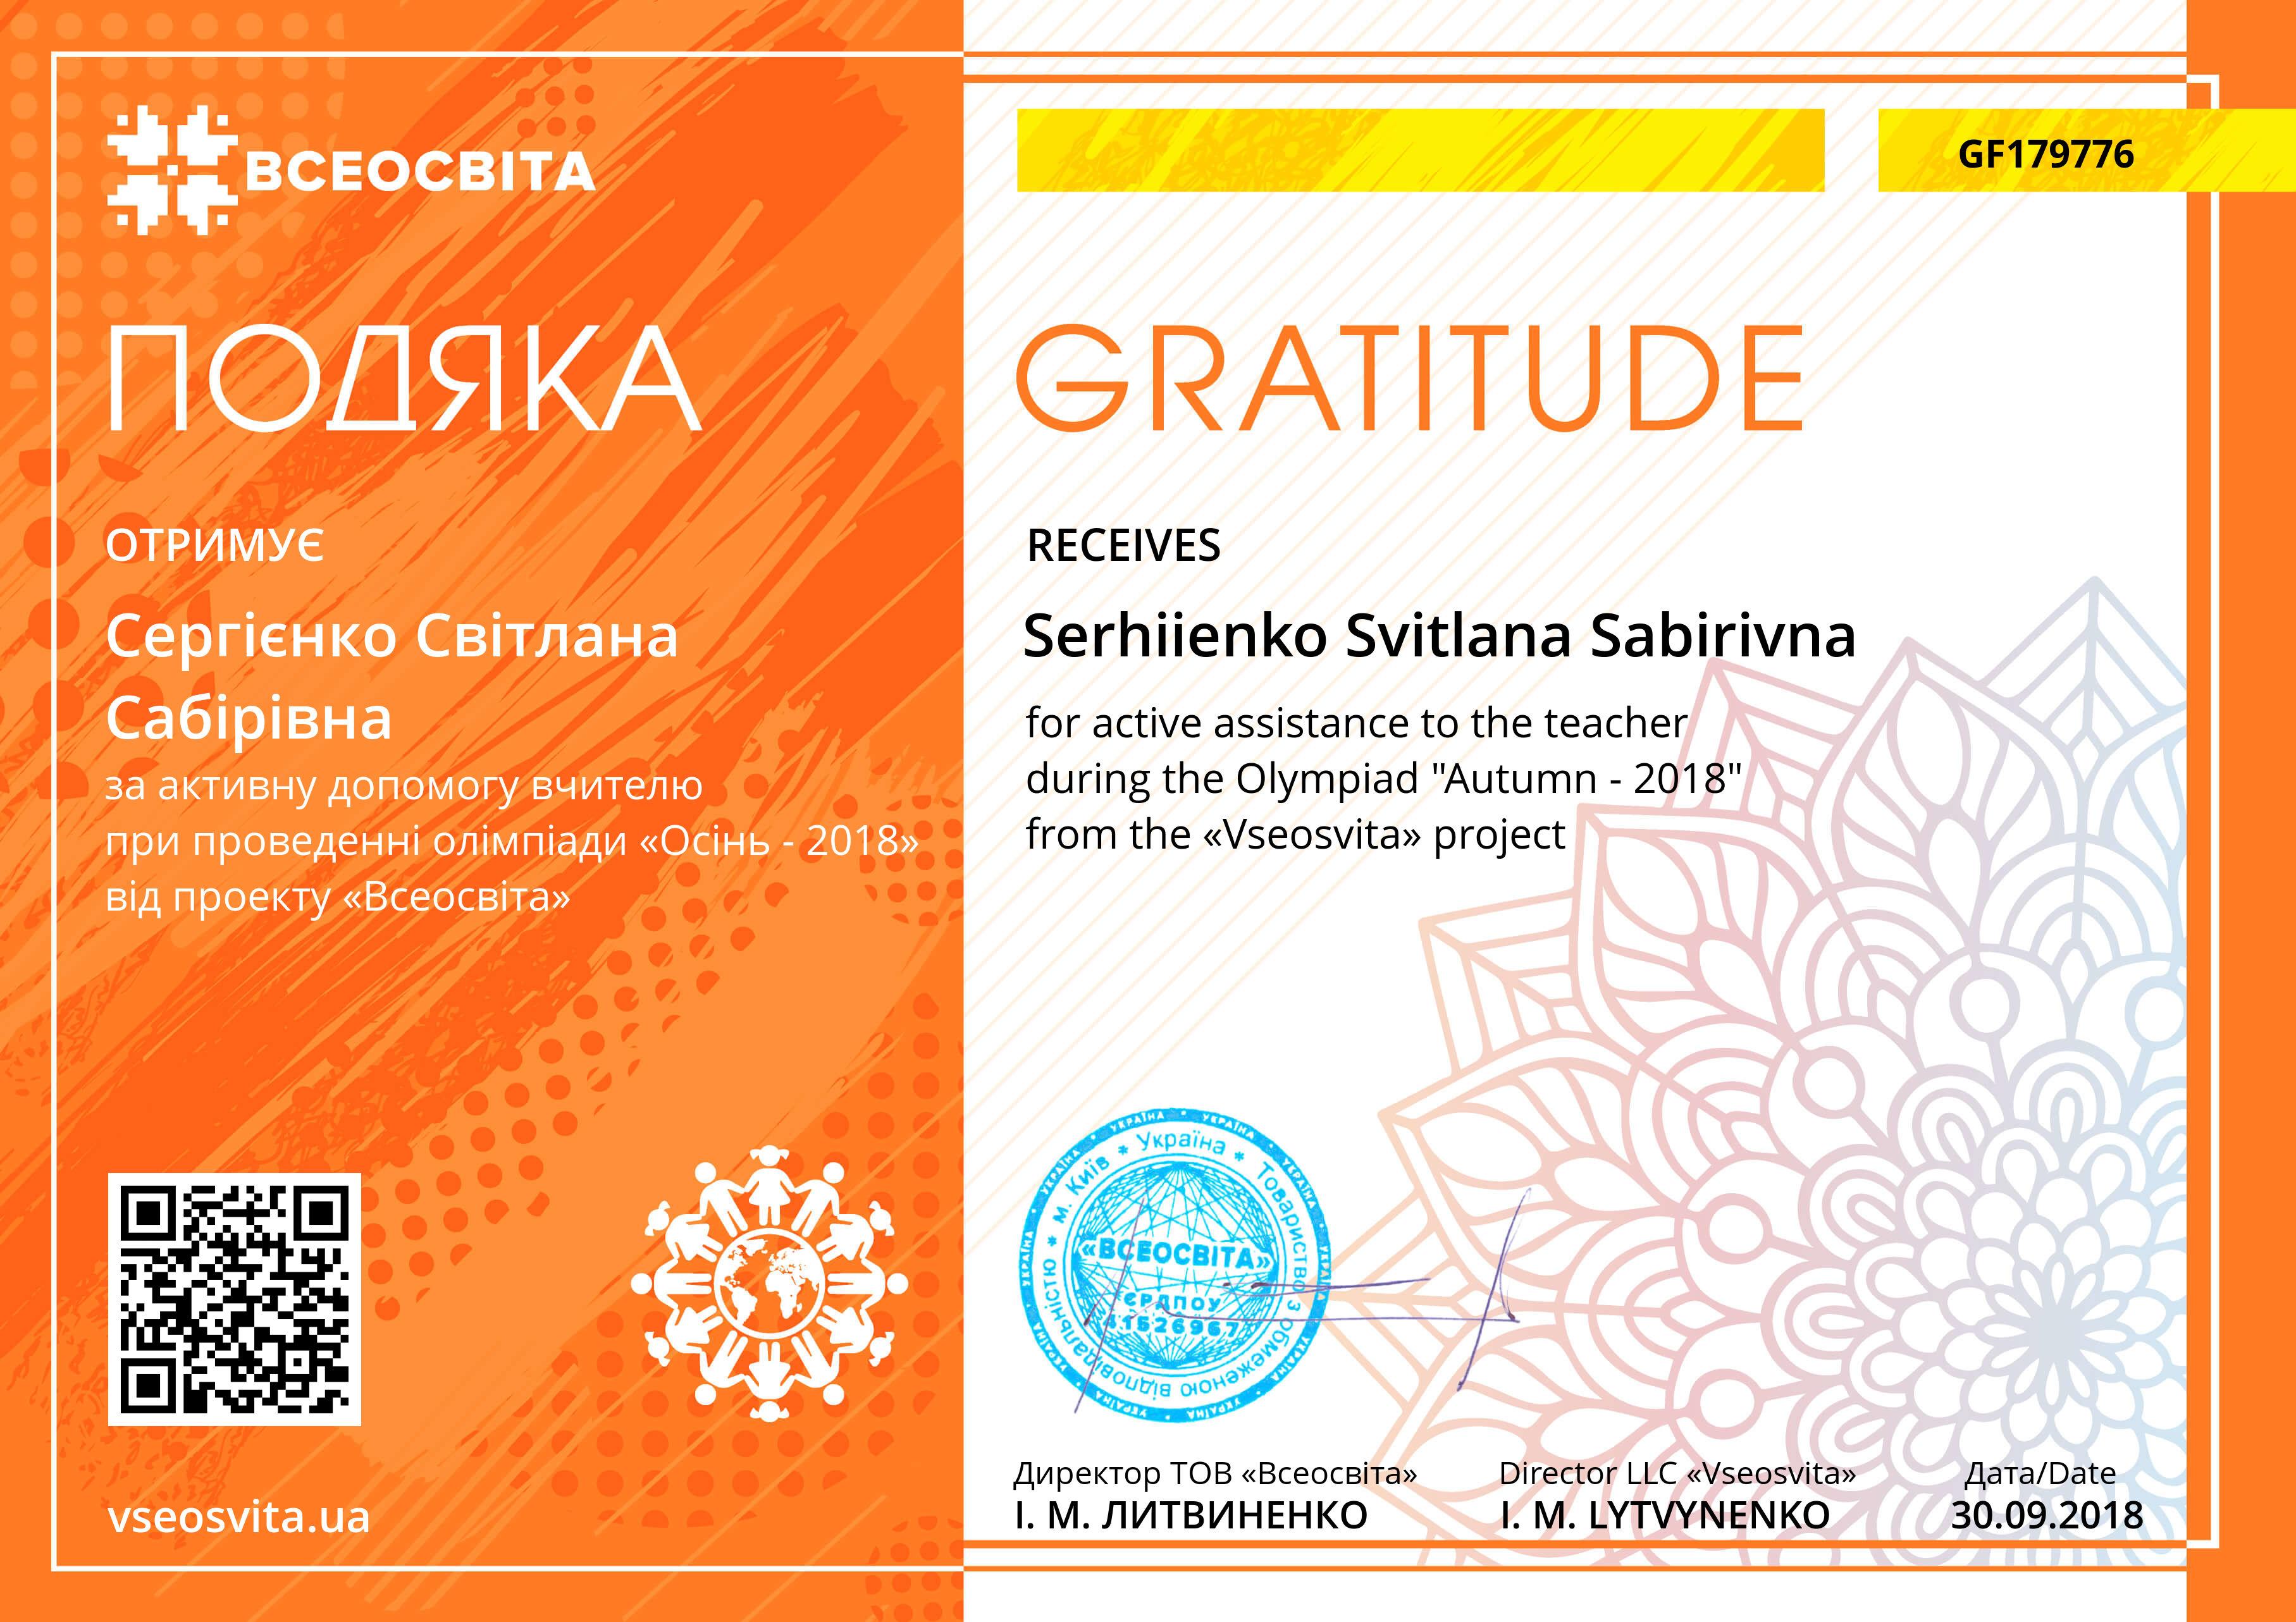 Подяка організатору від проекту vseosvita.ua